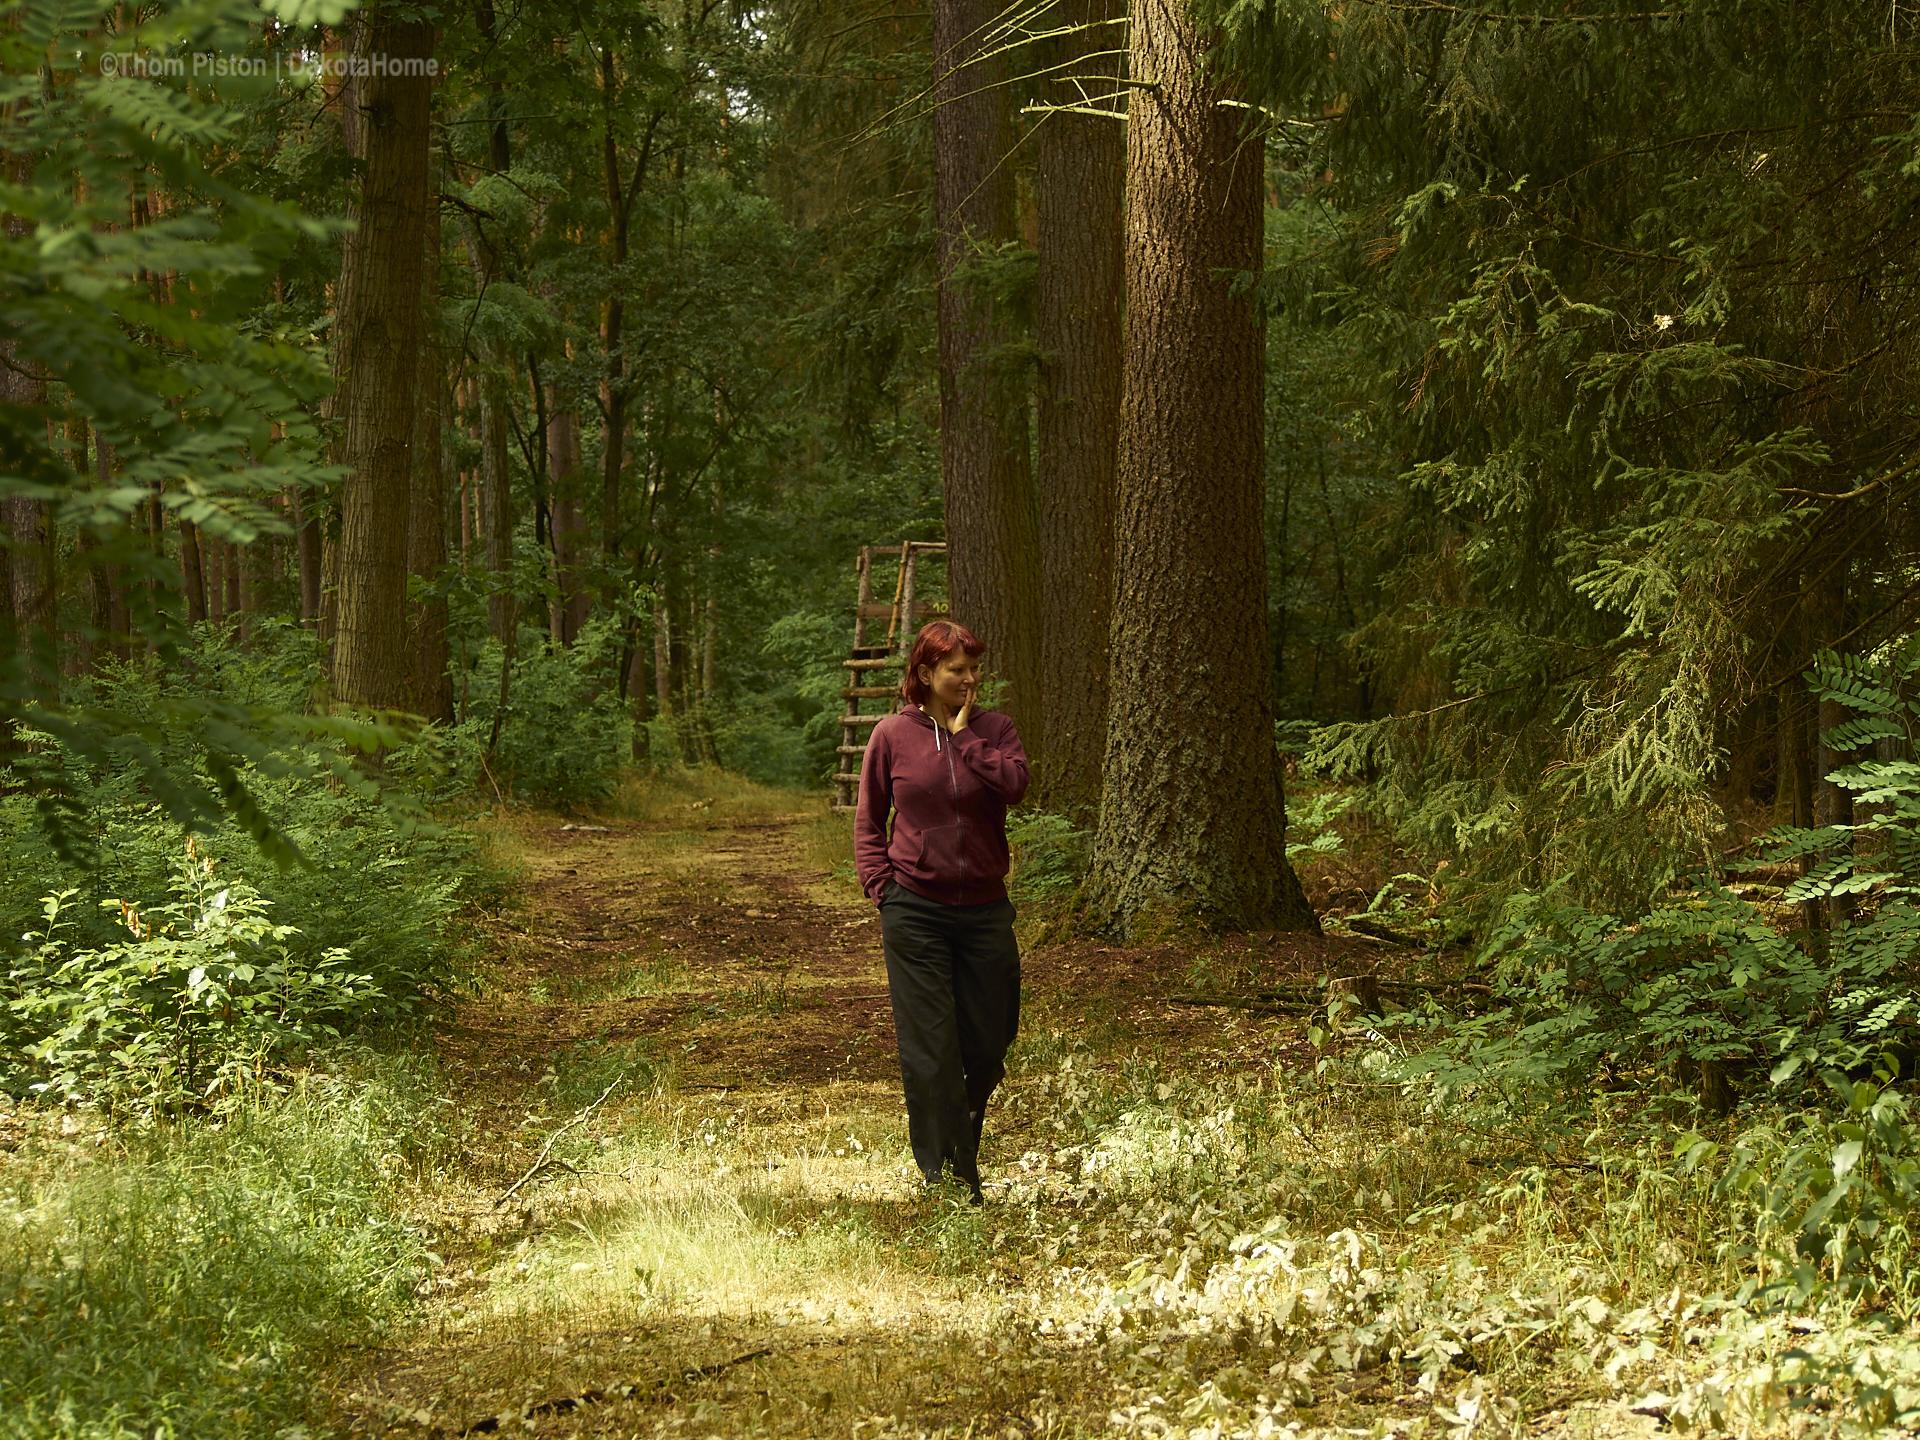 die hübscheste Frau der Welt im Wald..